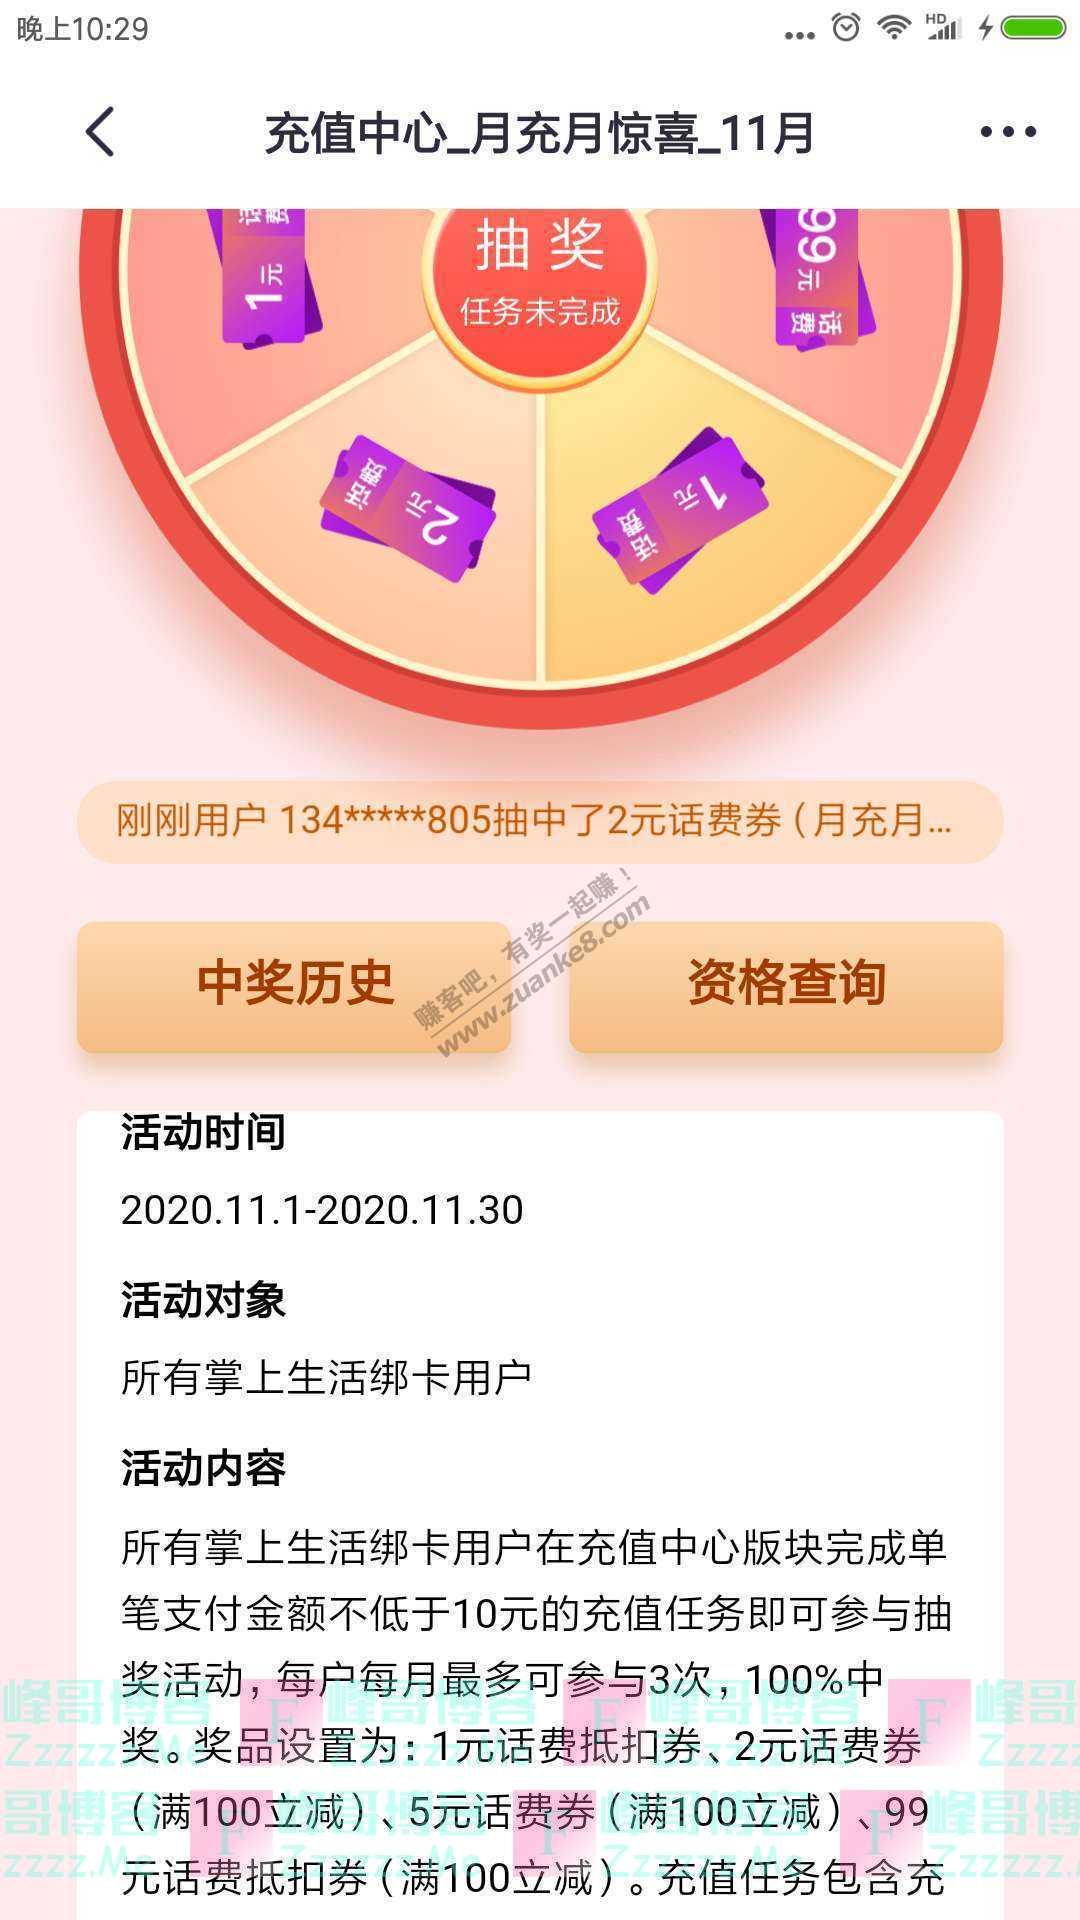 掌上生活app完成充值抽99元话费红包(截止11月30日)